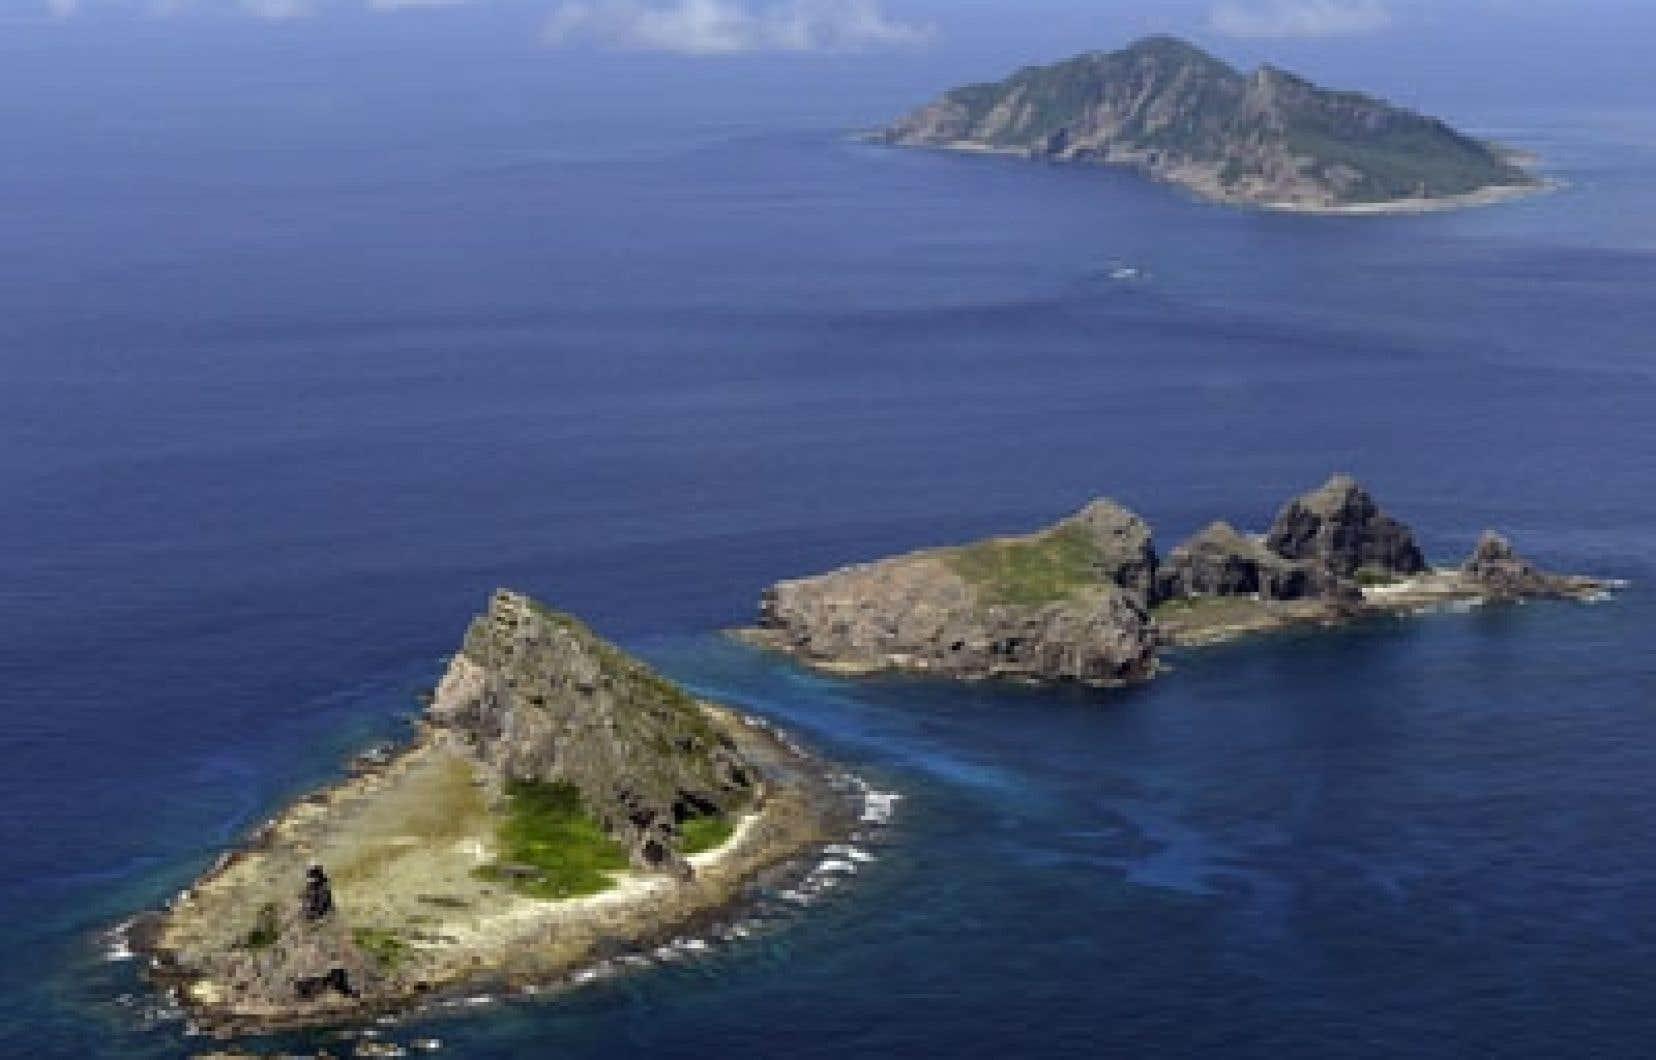 Les Senkaku-Diaoyu, potentiellement riches en matières premières, attisent les tensions sino-japonaises depuis leur nationalisation par l'Archipel en septembre 2012.